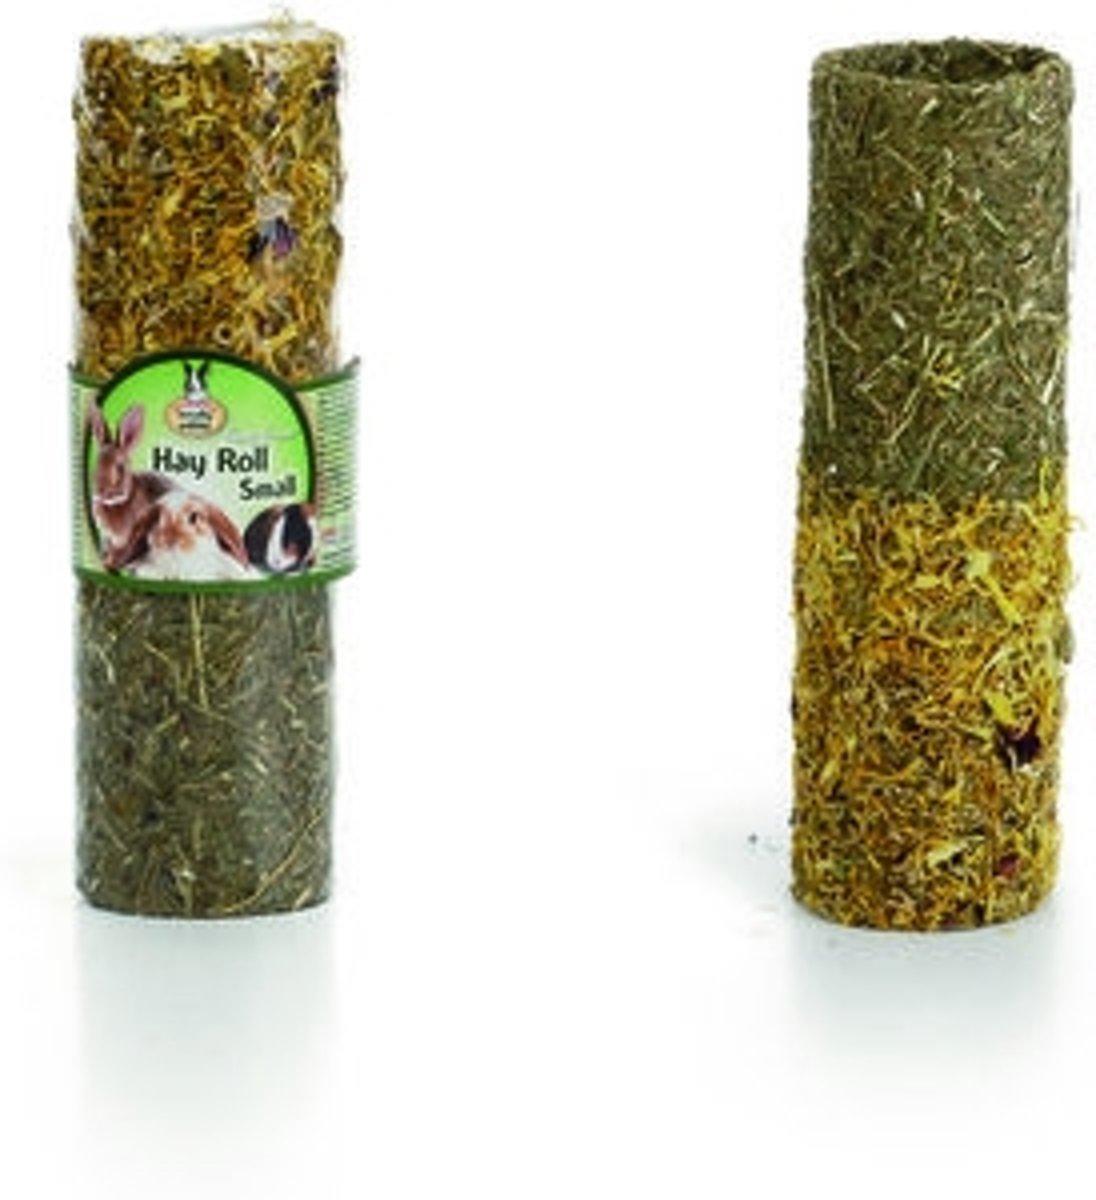 Quiko sunny gr hay roll met bloemen s